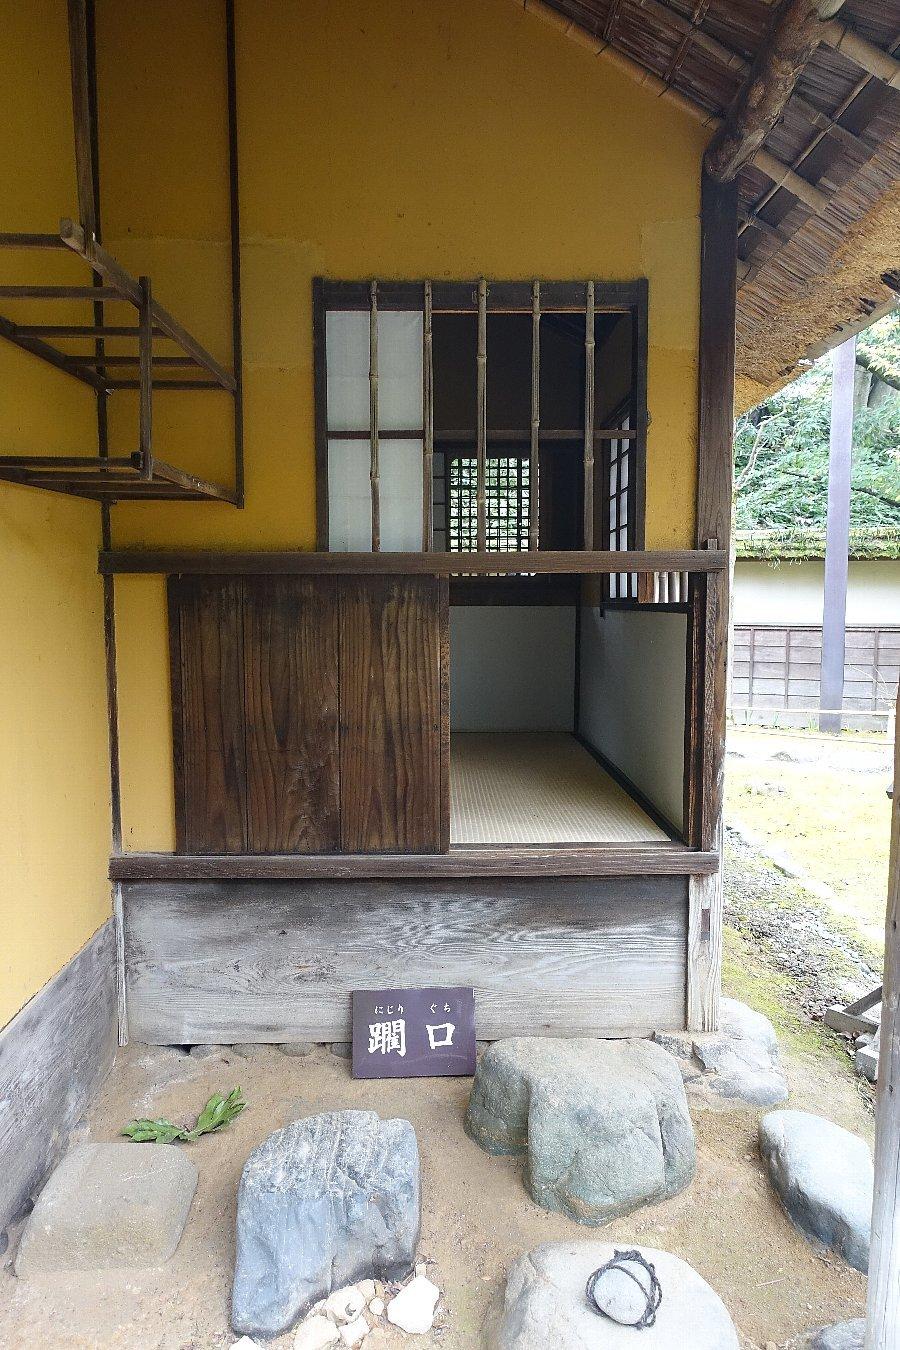 鶴ヶ城公園 茶室「麟閣」_c0112559_08403427.jpg